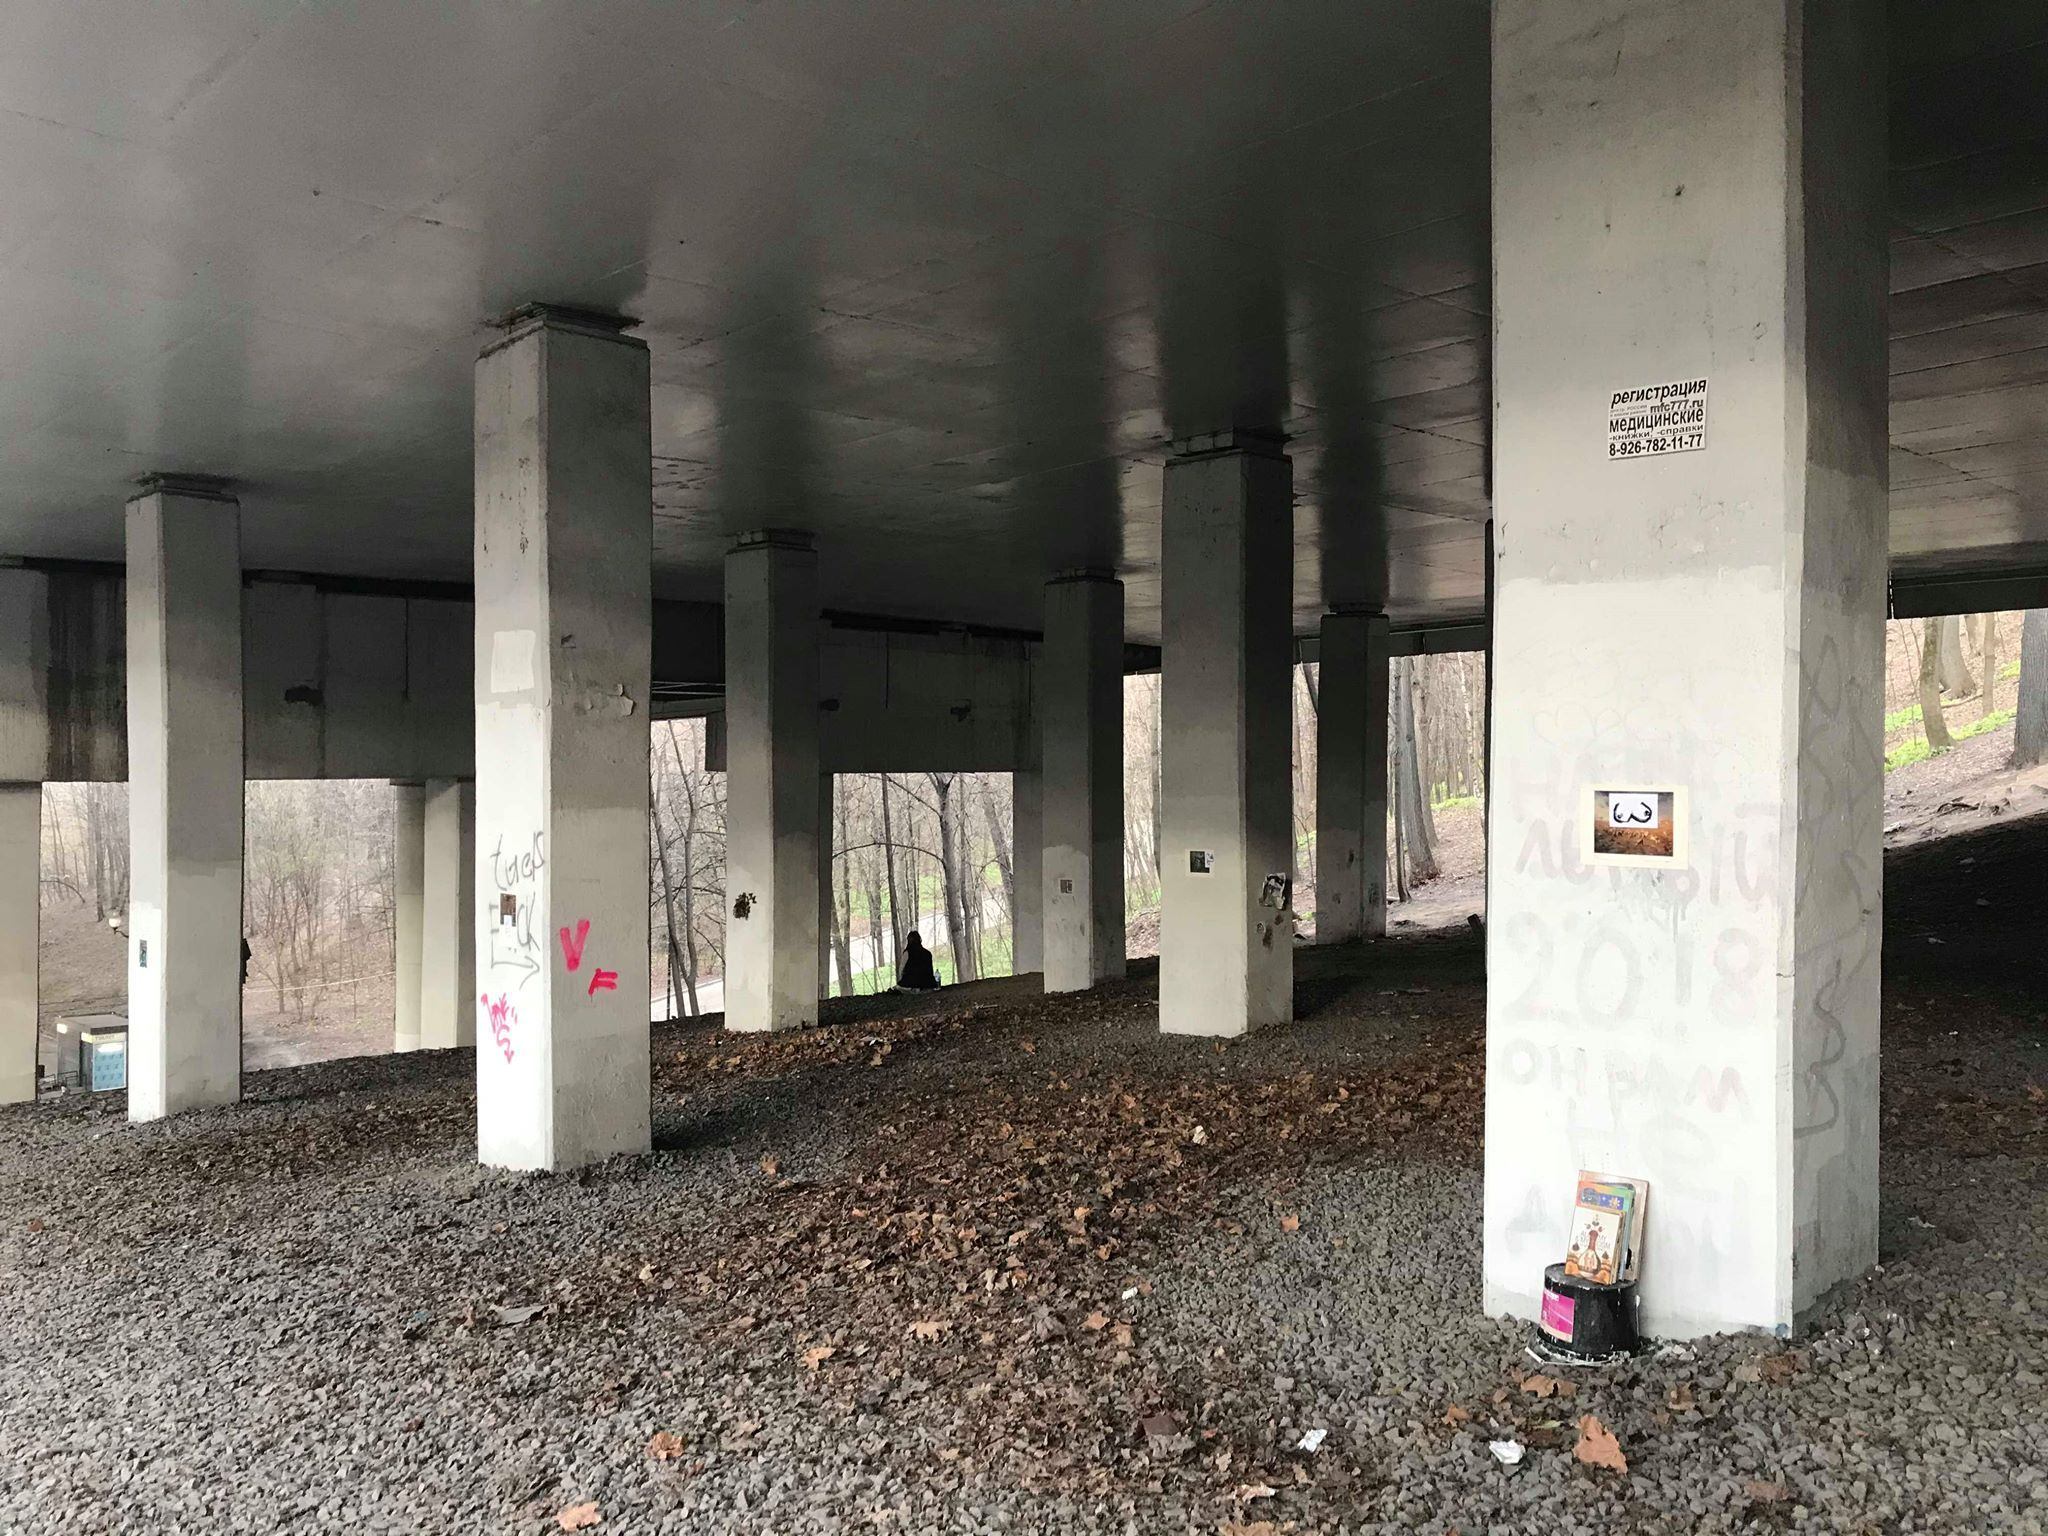 Работа Дмитрия Хворостов на выставкеDungeons'n'Stuff «2. прикреплённое местоположение». Мост под станцией метро Воробьев